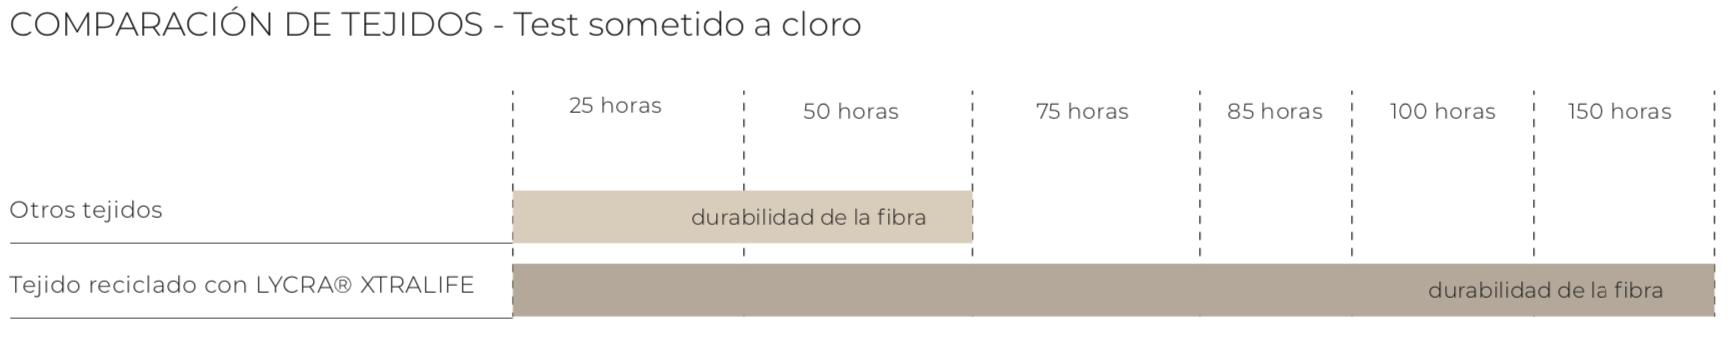 Comparación de tejidos con Lycra® Xtralife